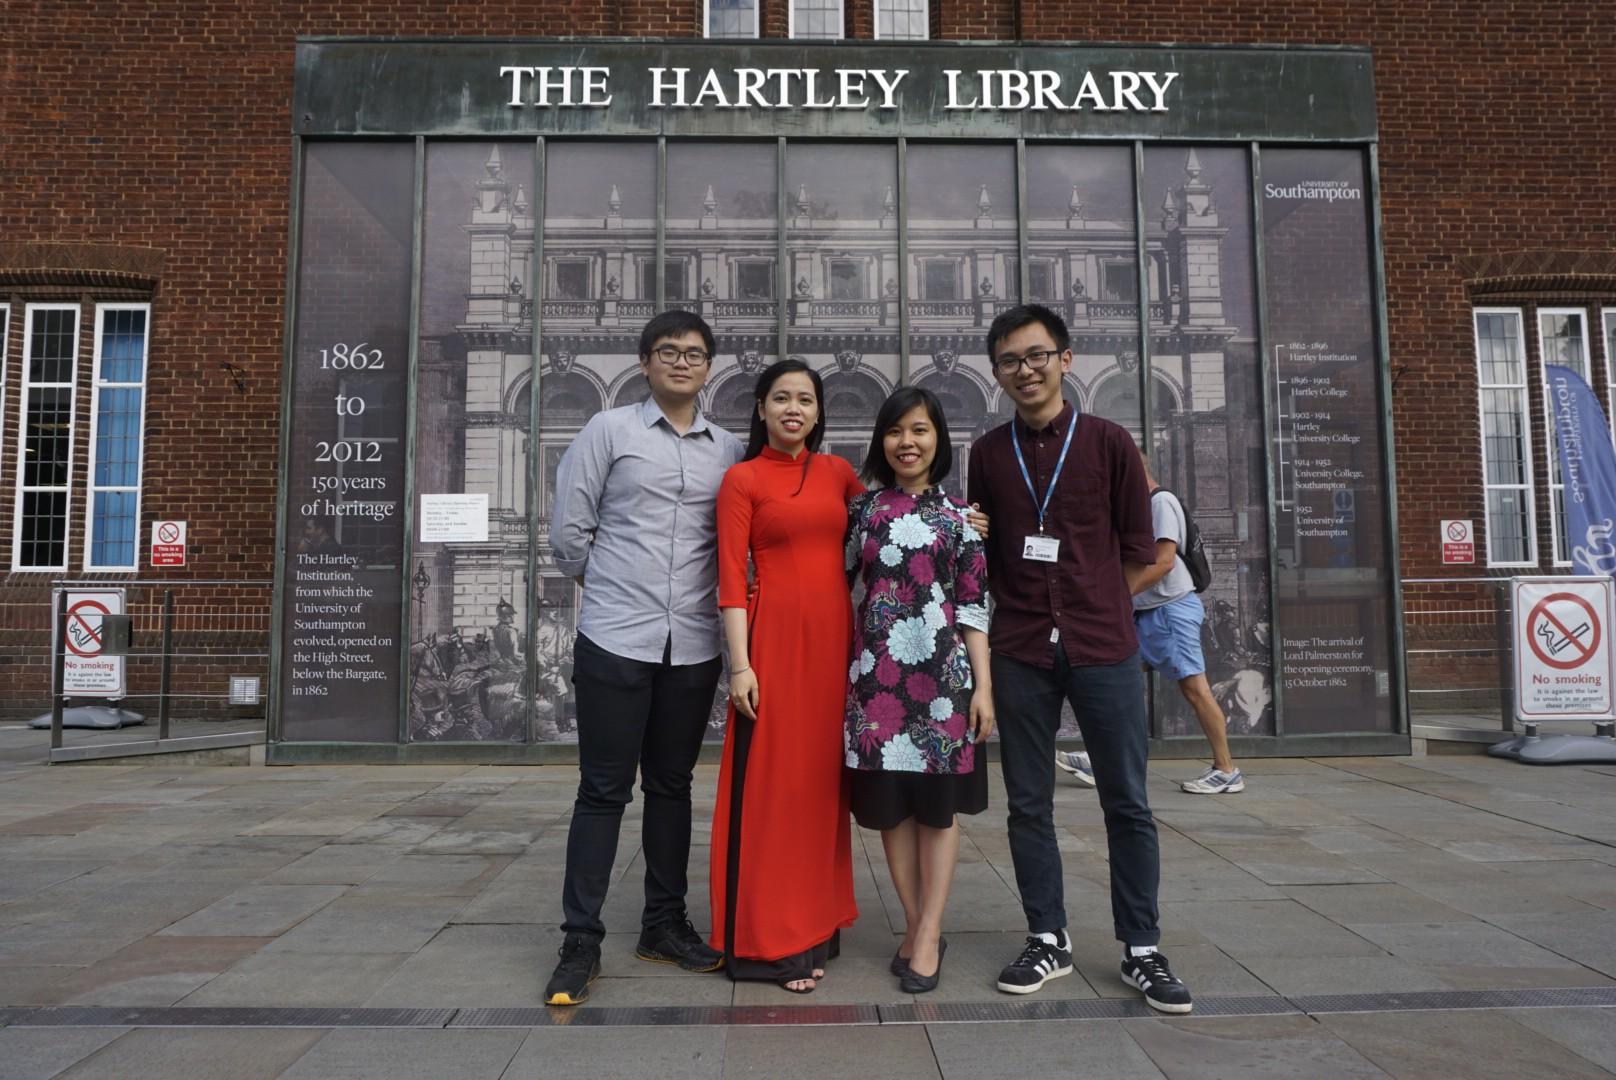 Chàng trai Hà Tĩnh chuẩn con nhà người ta: HCB Toán quốc tế, nhận học bổng tiến sĩ toàn phần khi mới học năm 3 - Ảnh 6.